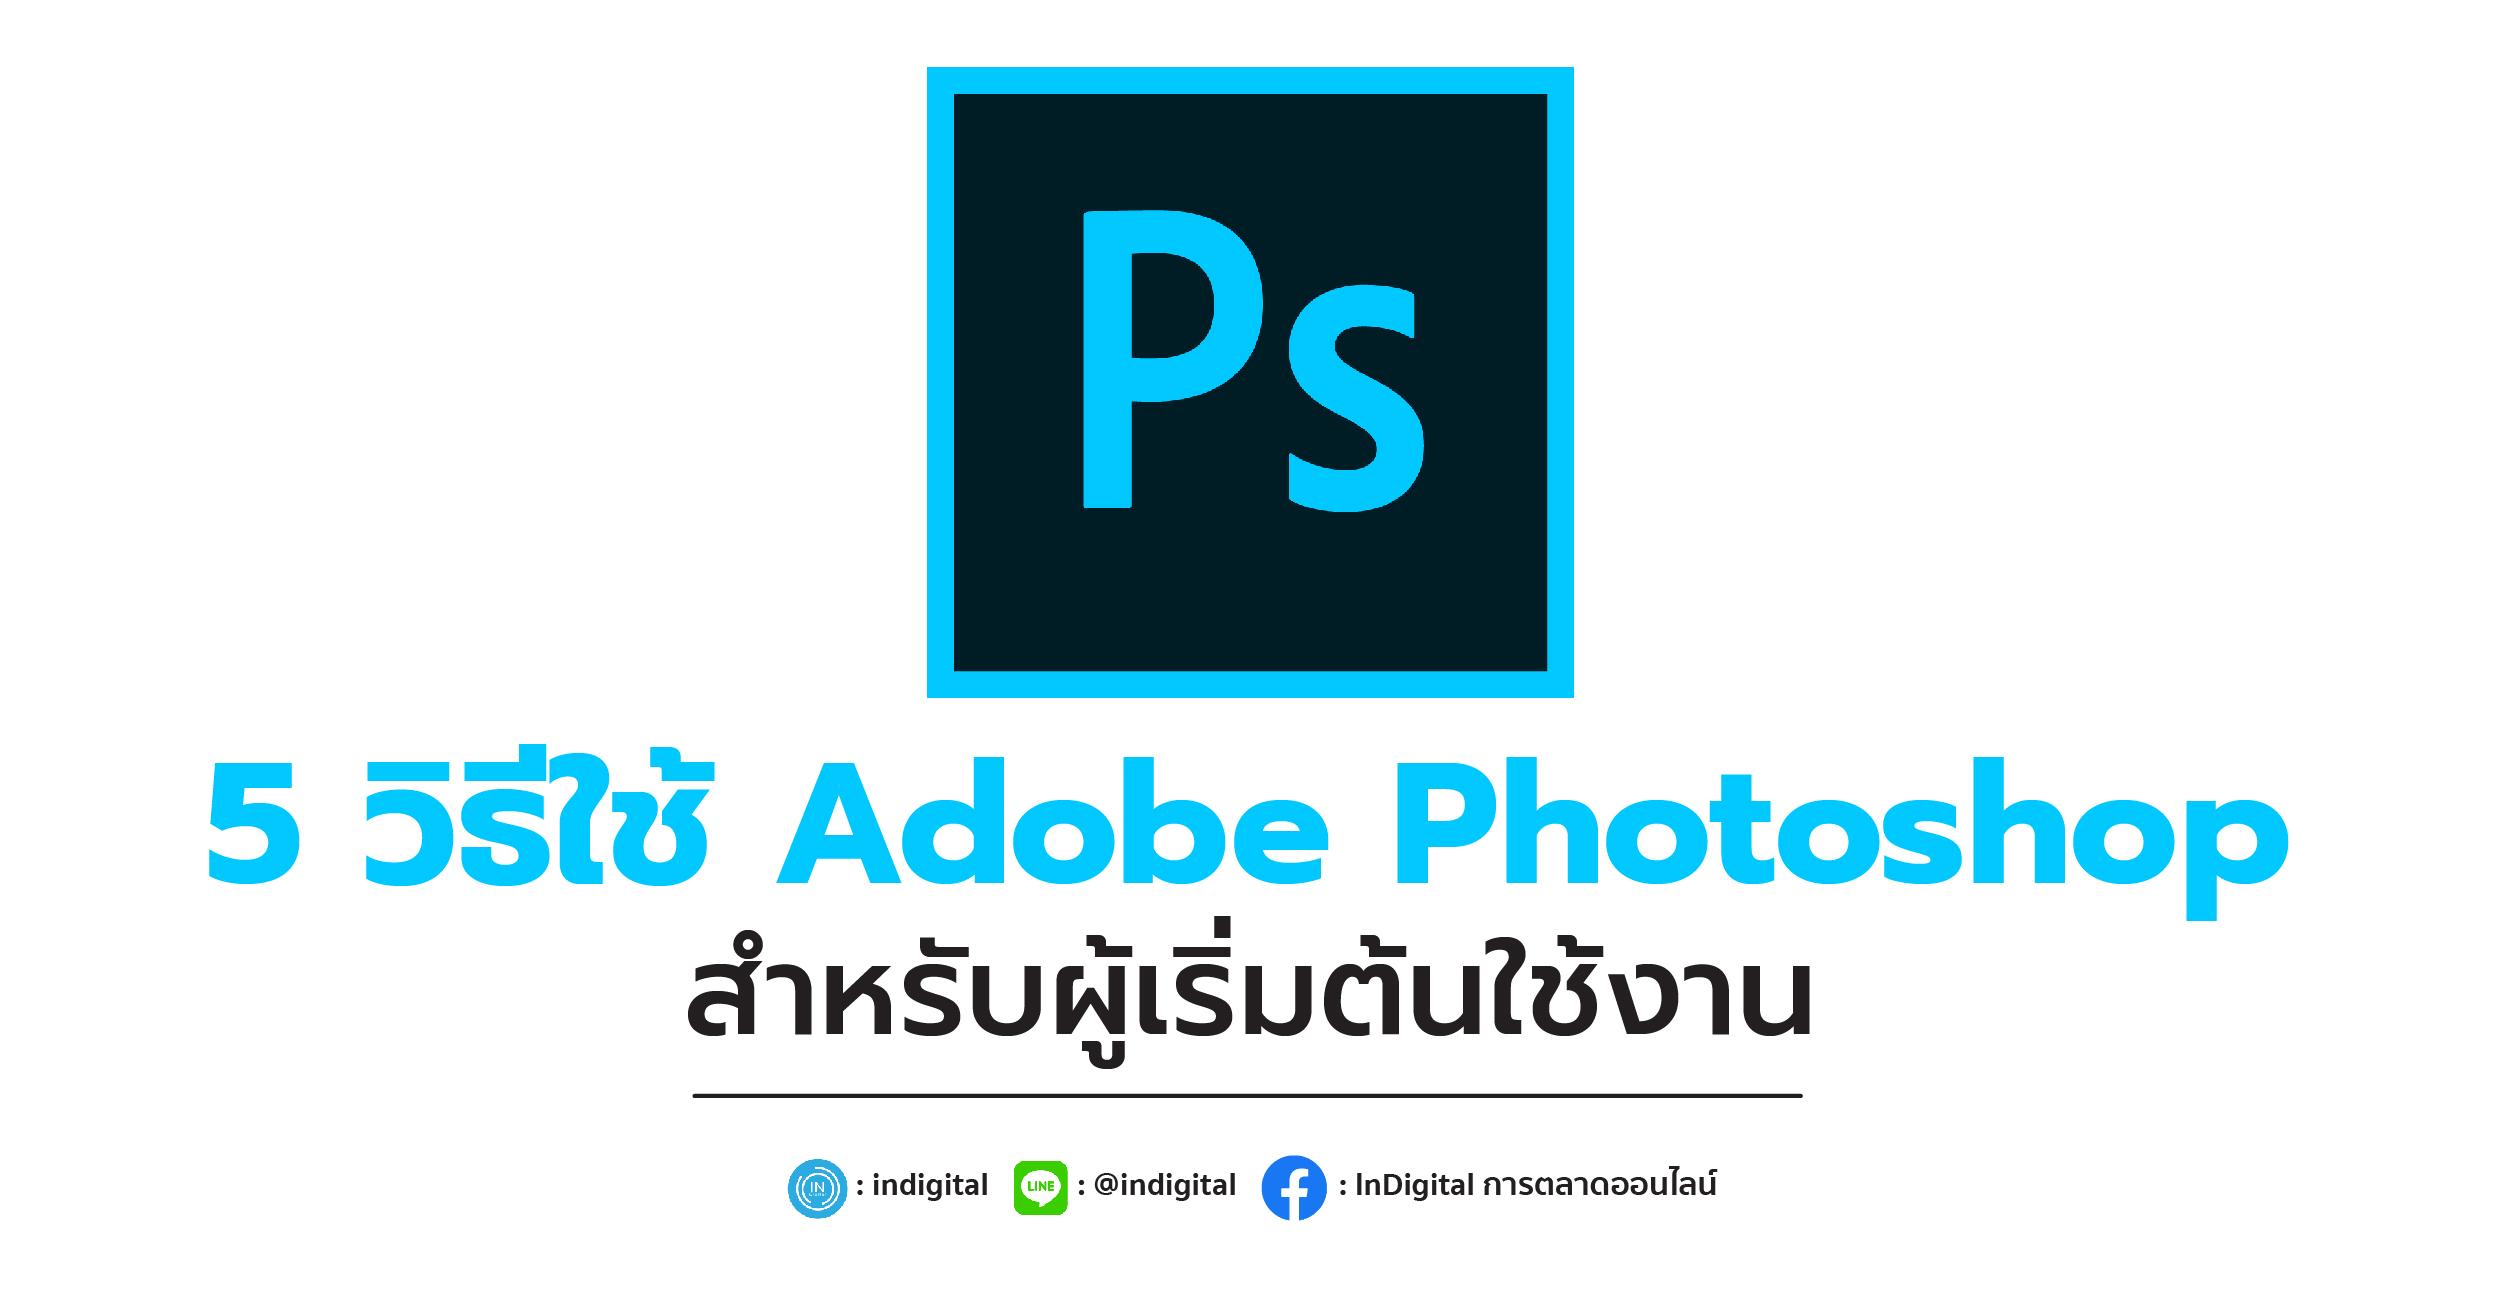 5 วิธีใช้ Adobe Photoshop สำหรับผู้เริ่มต้นใช้งาน